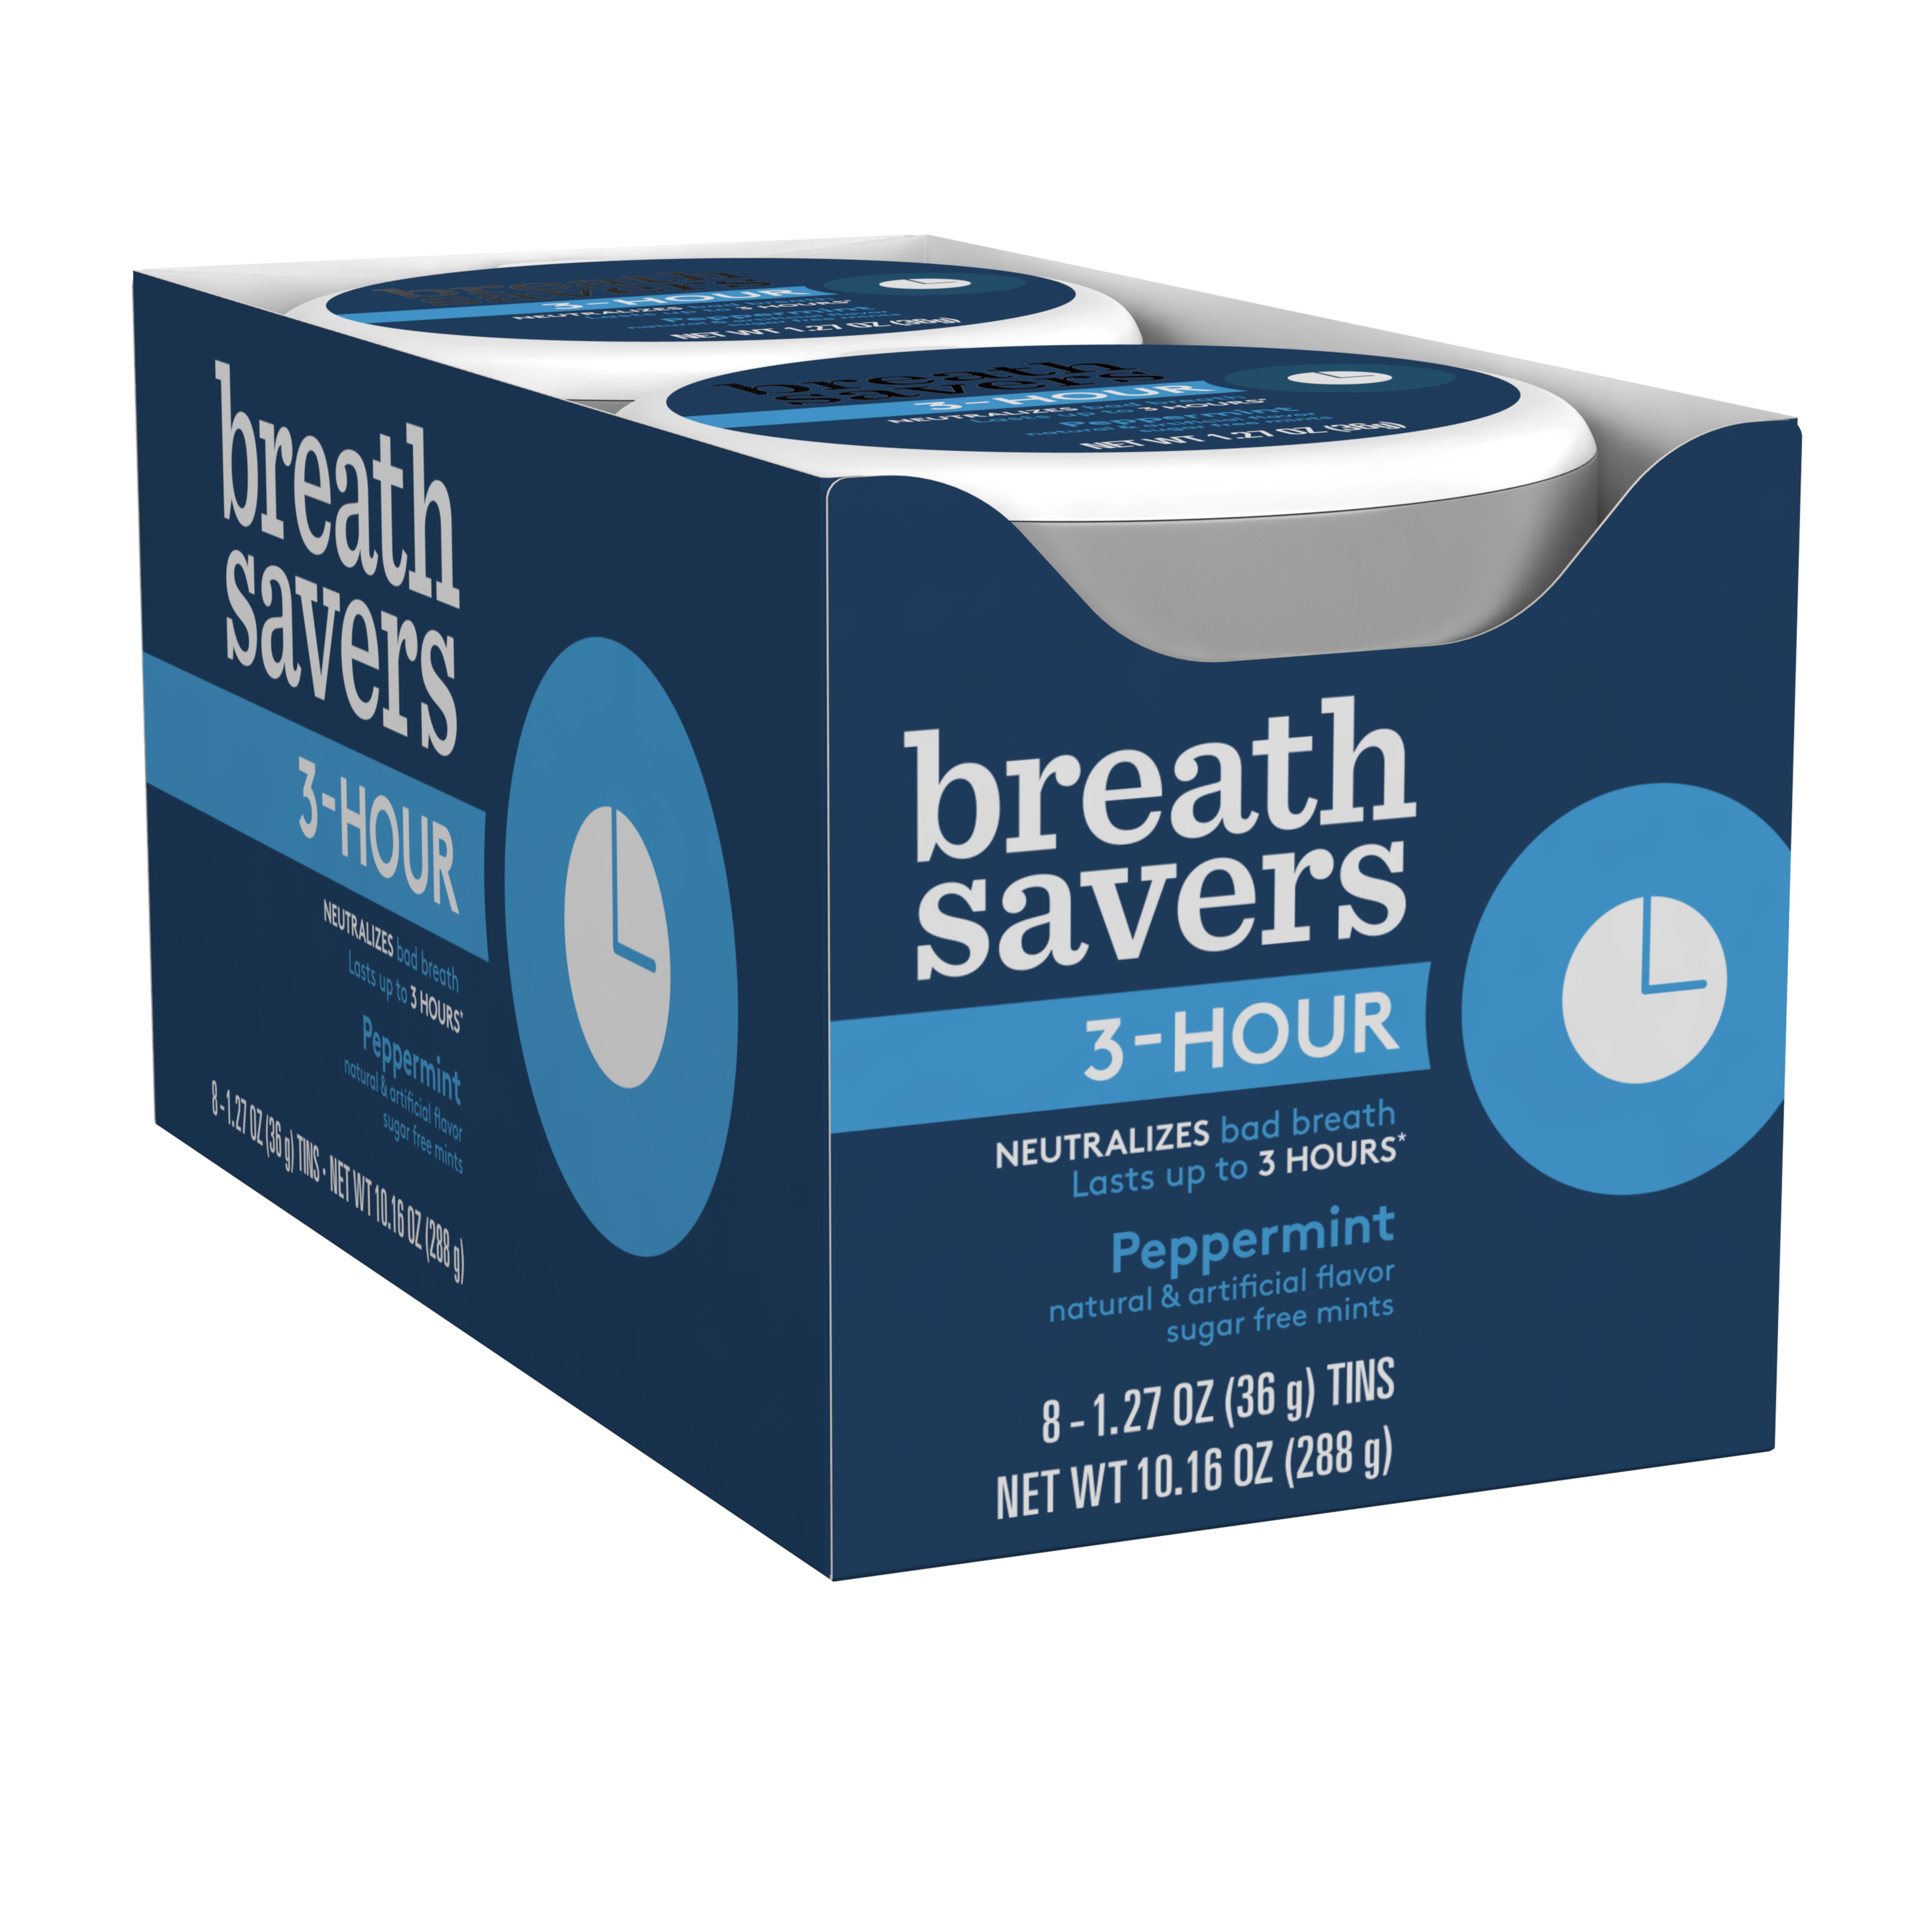 Breath Savers, 3 Hour Peppermint Mints, 1.27 Oz, 8 Ct